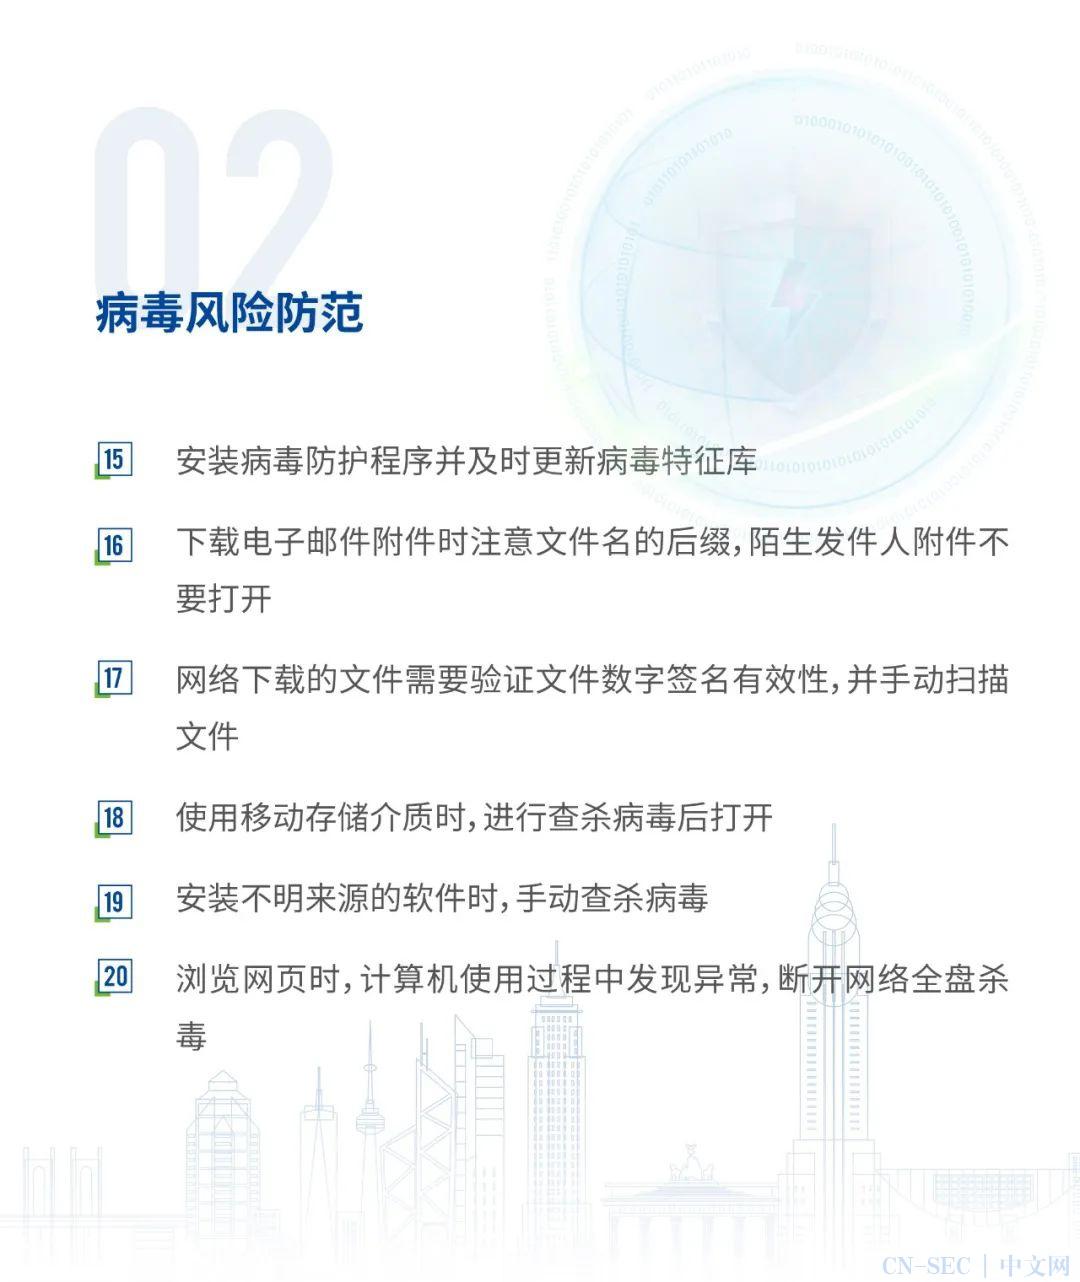 2021   网络安全你必须知道的100个小知识